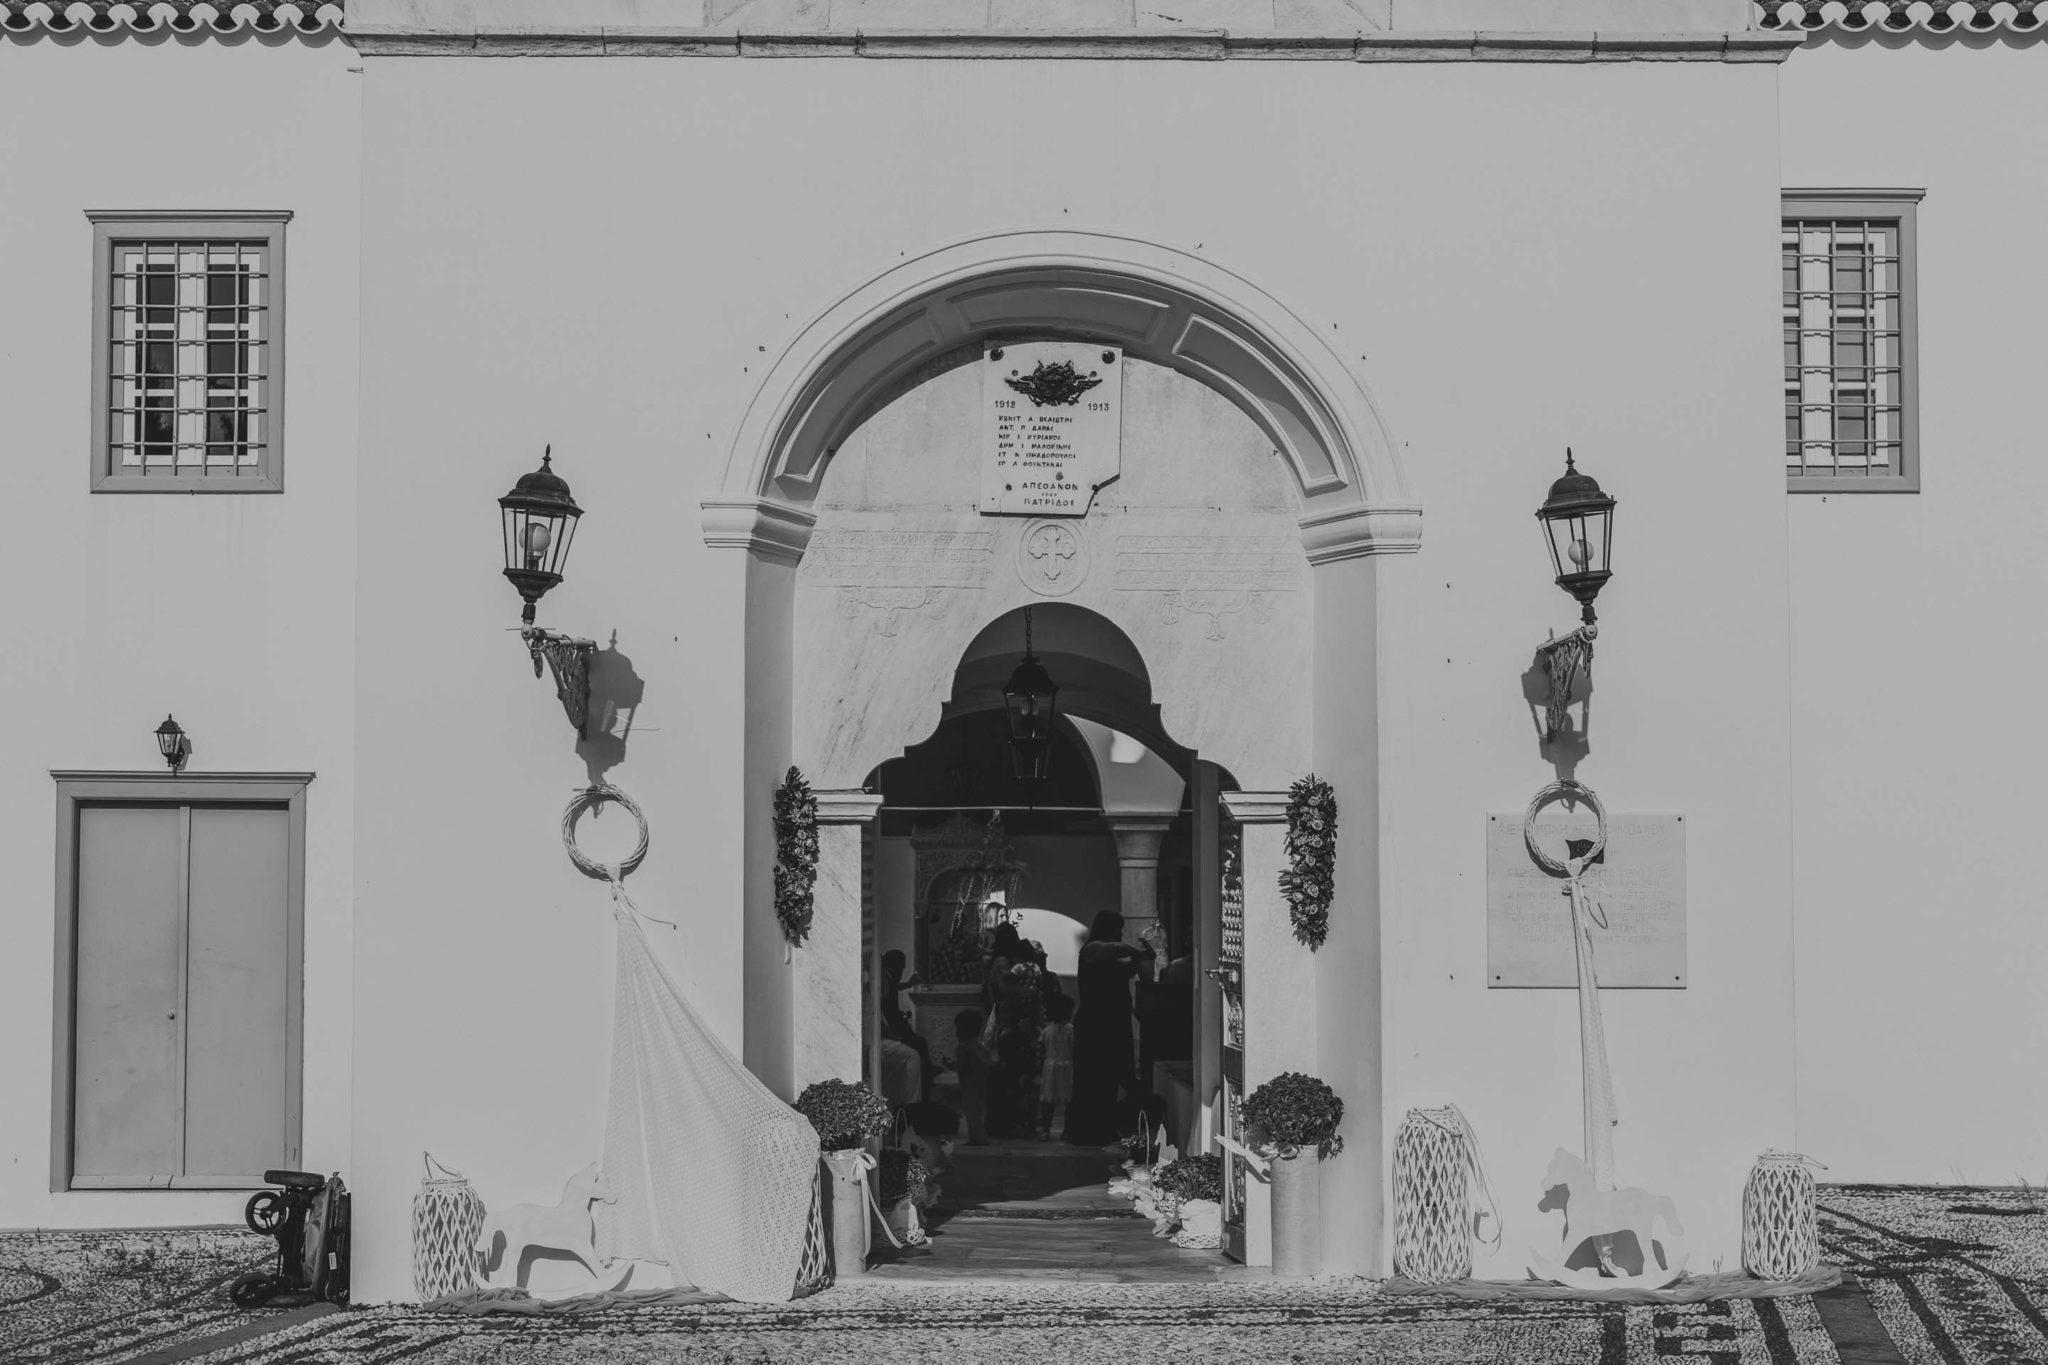 126 PhotoVaptisisgr vaptisi spetses moro koritsi baptism spetsesisland church